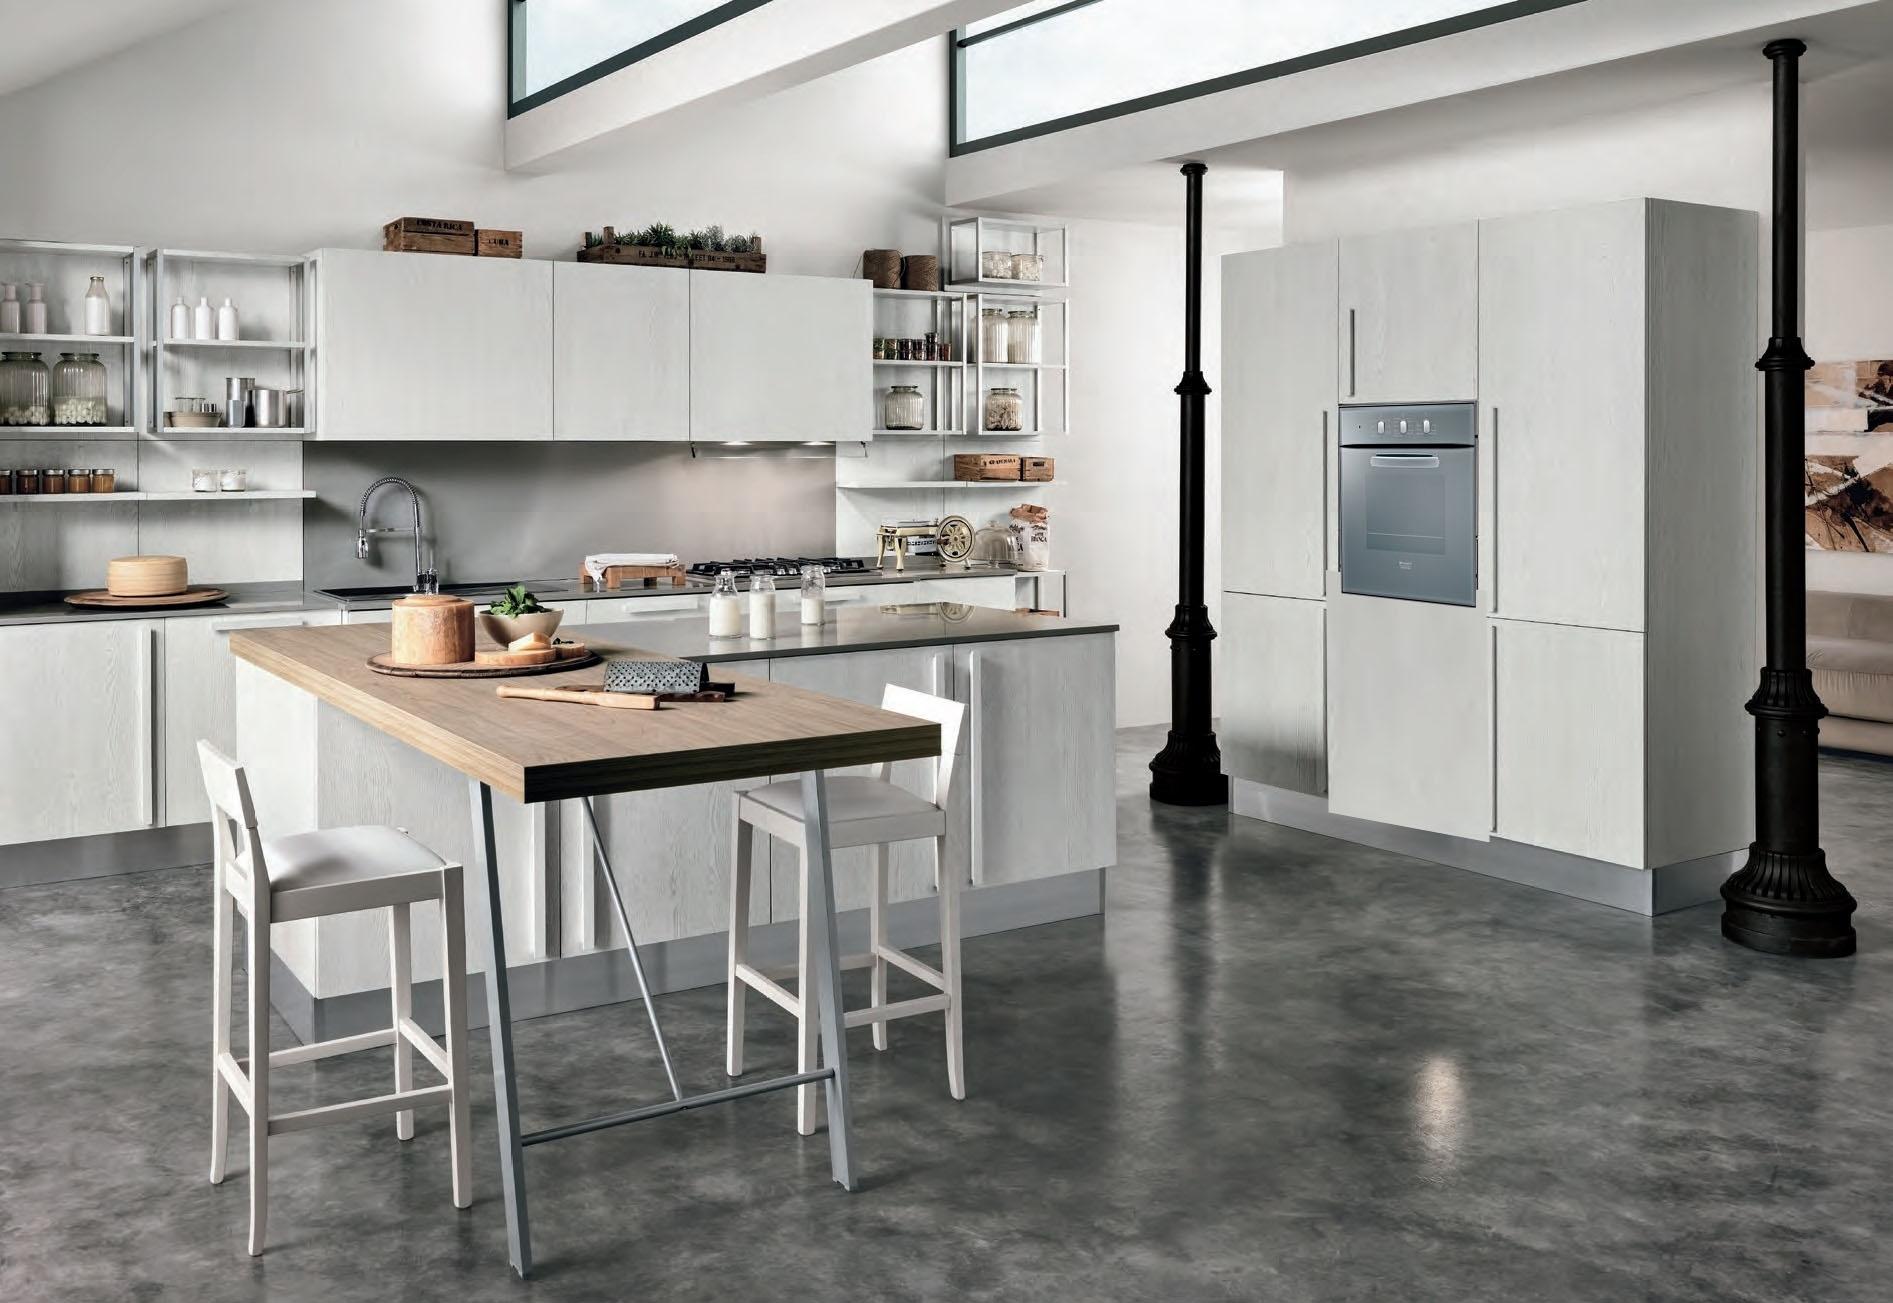 Cucina come foto in offerta con isola outlet nuovimondi for Outlet arredamento cucine